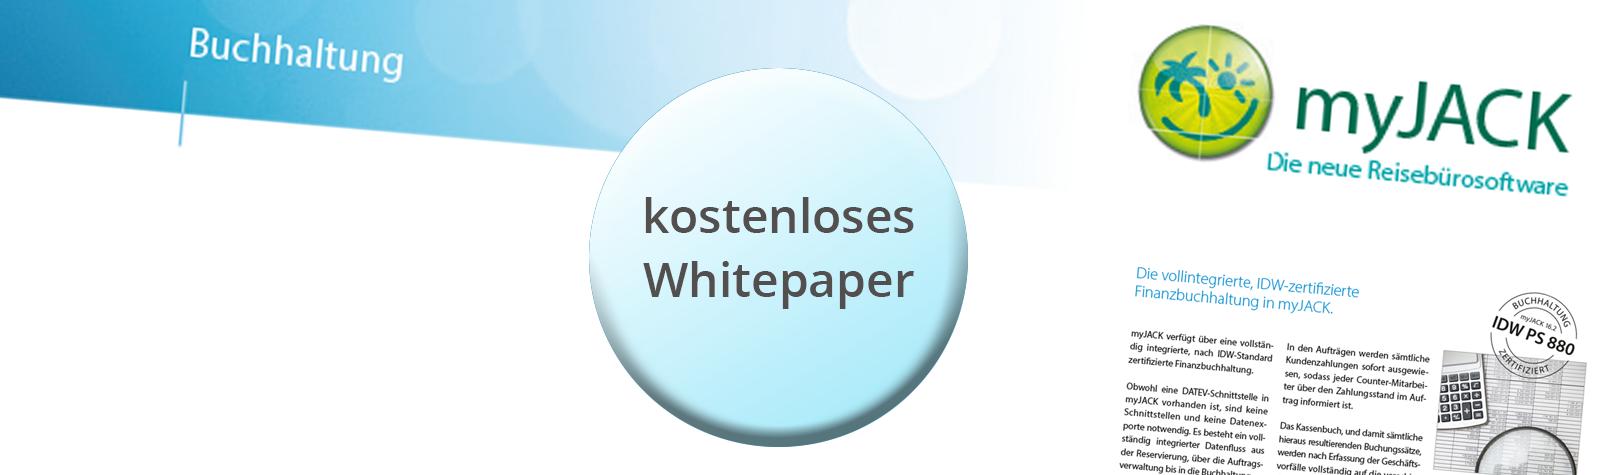 Whitepaper Buchhaltung für Reisebüros in myJACK von Bewotec